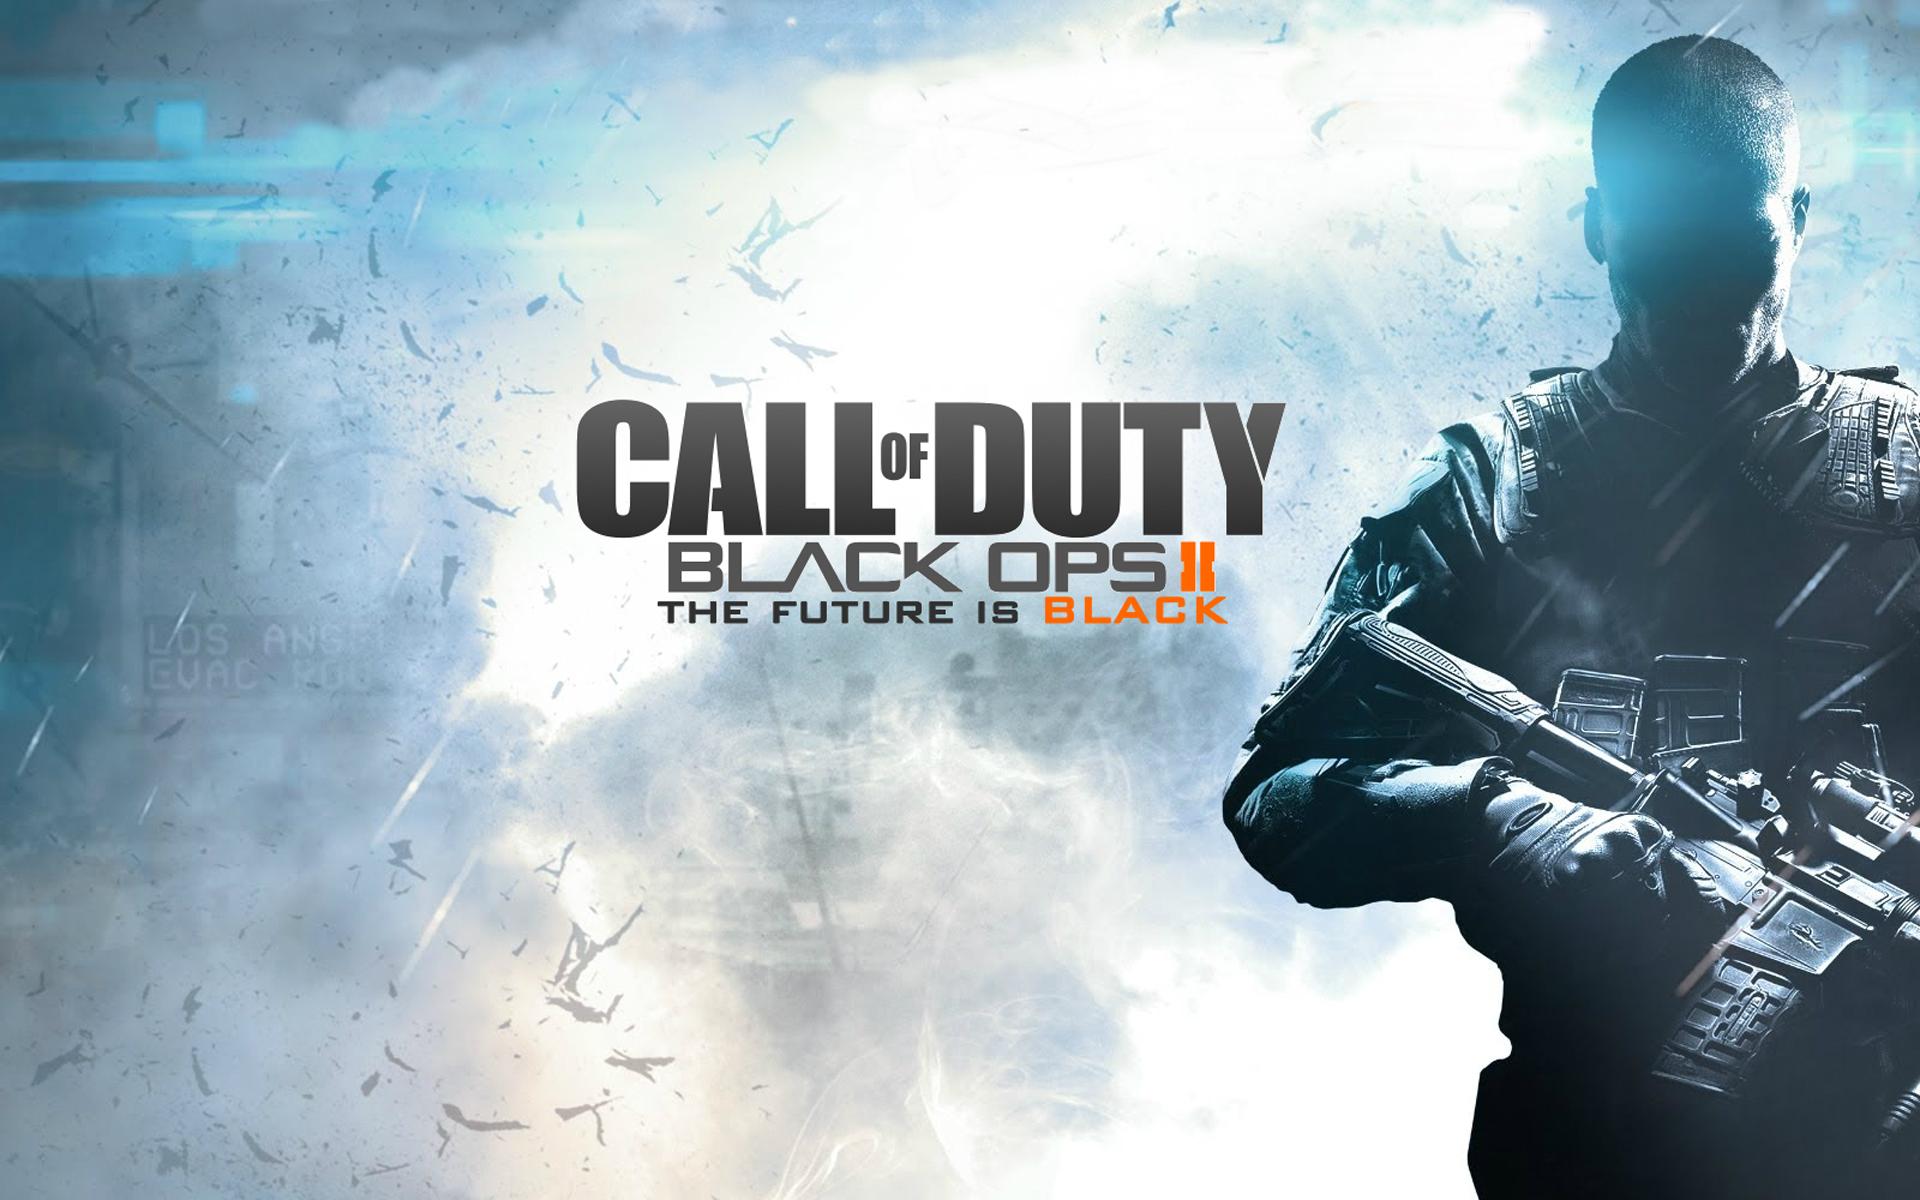 фото call of duty black ops 2